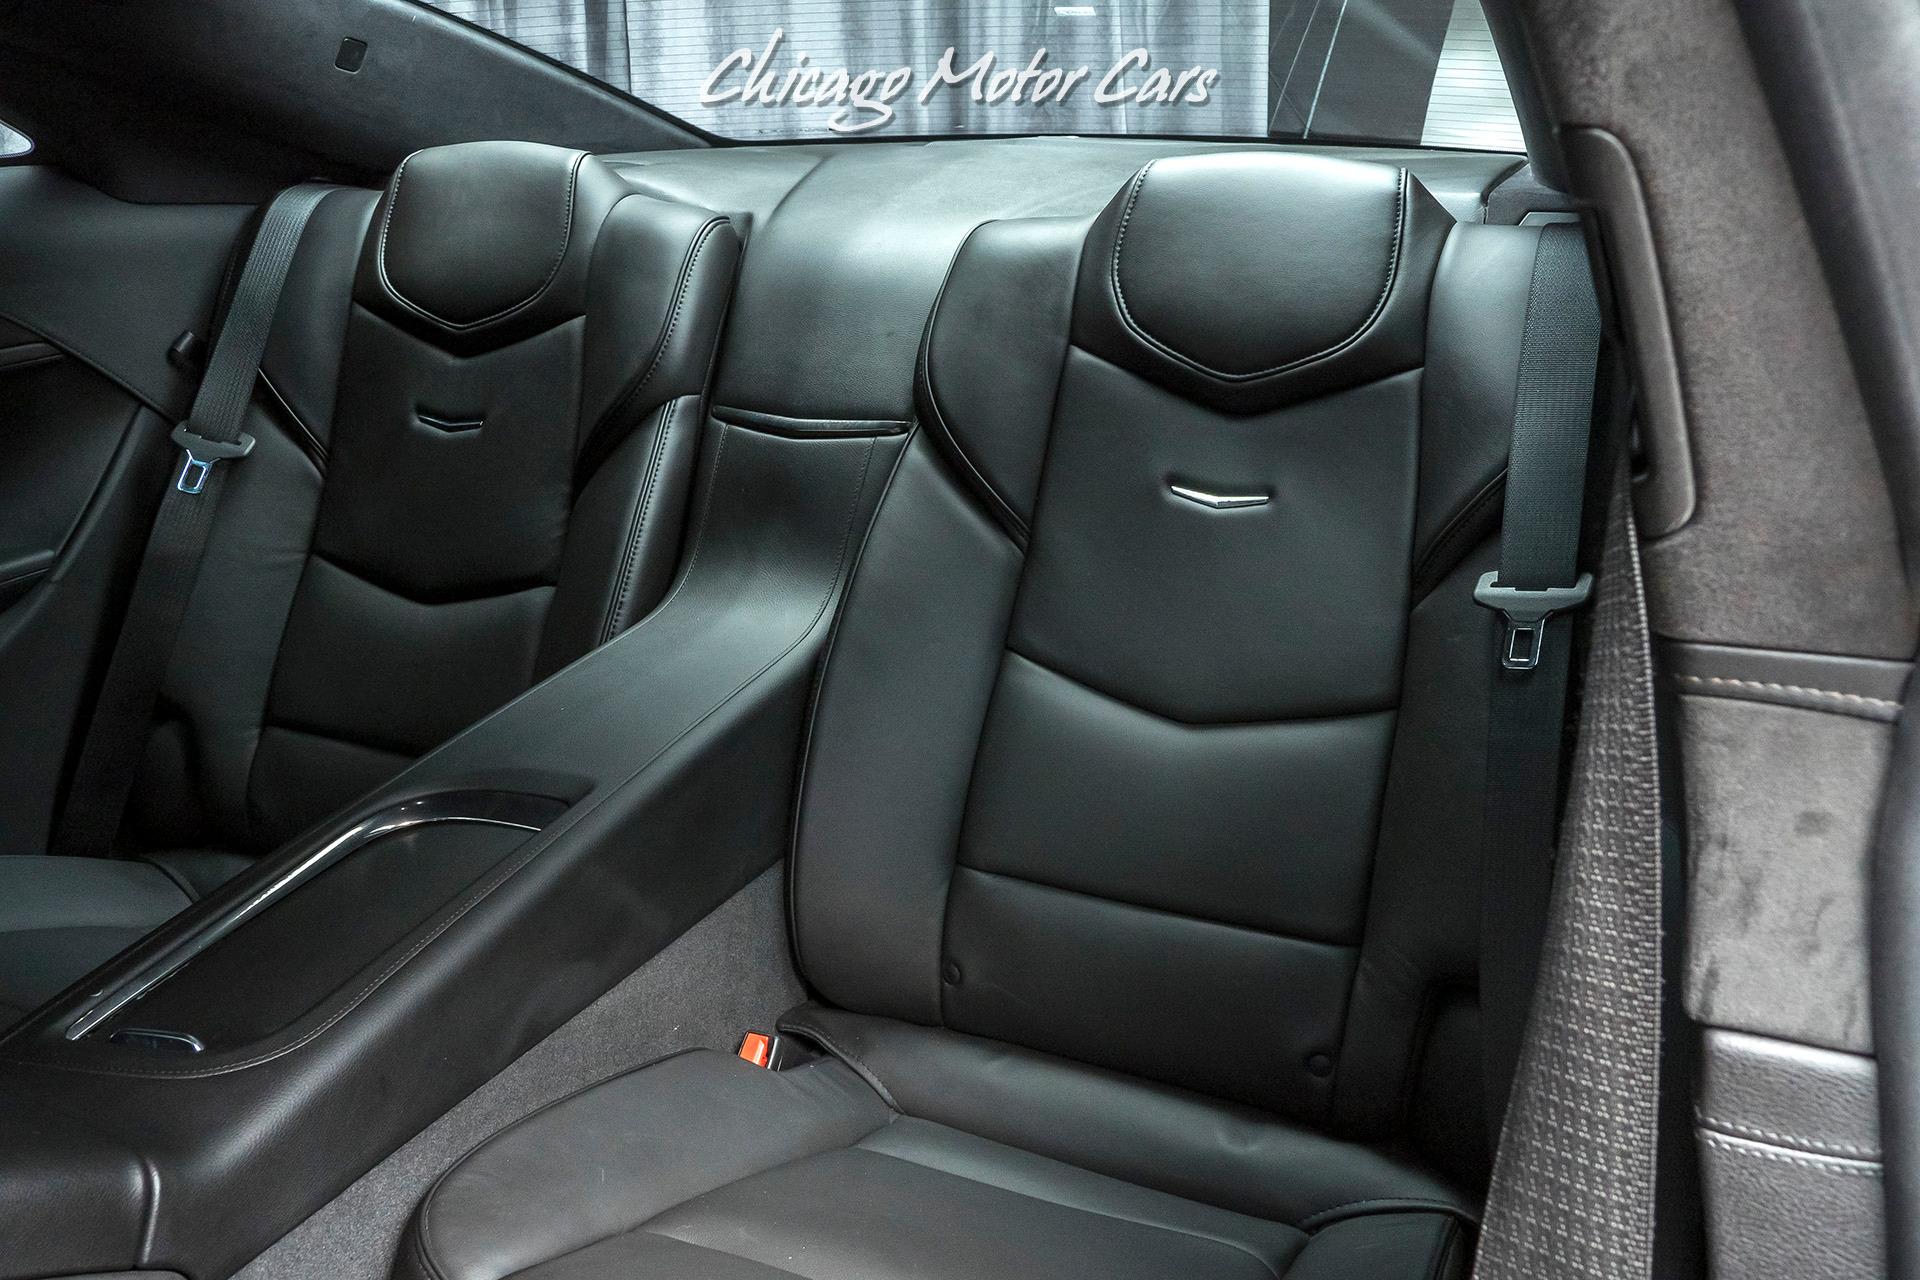 Used-2014-Cadillac-ELR-Plug-In-Hybrid